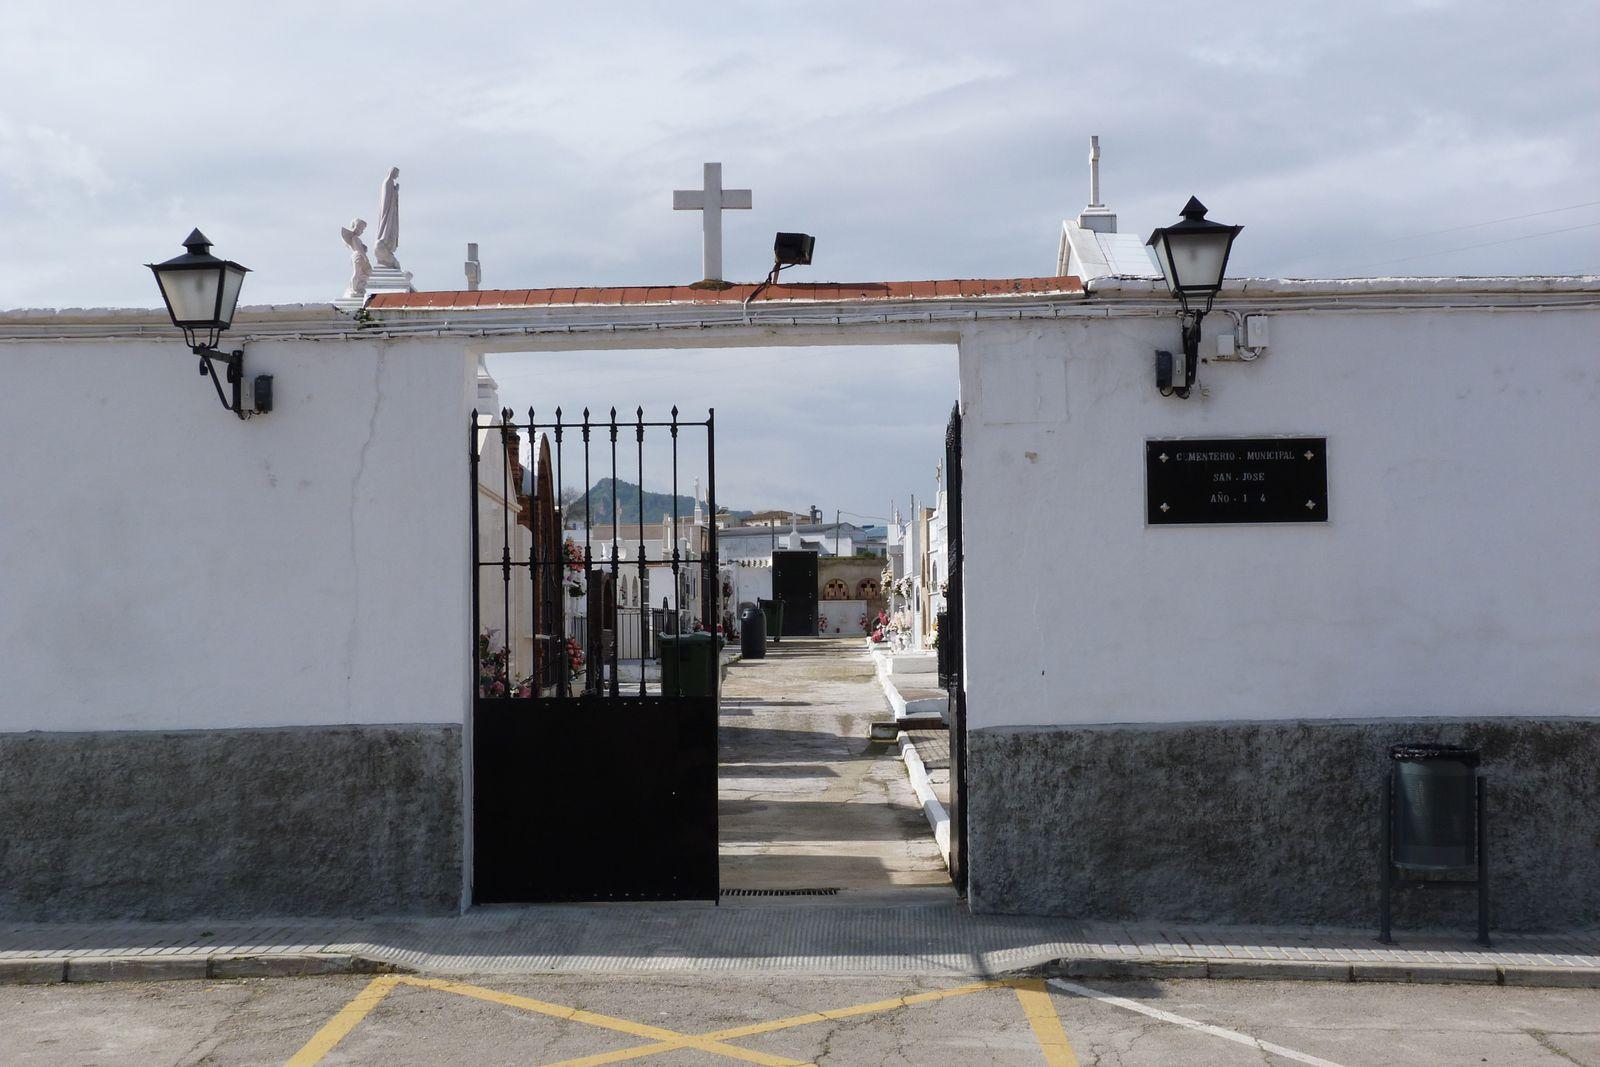 Cementerio San José de Badolatosa 2013